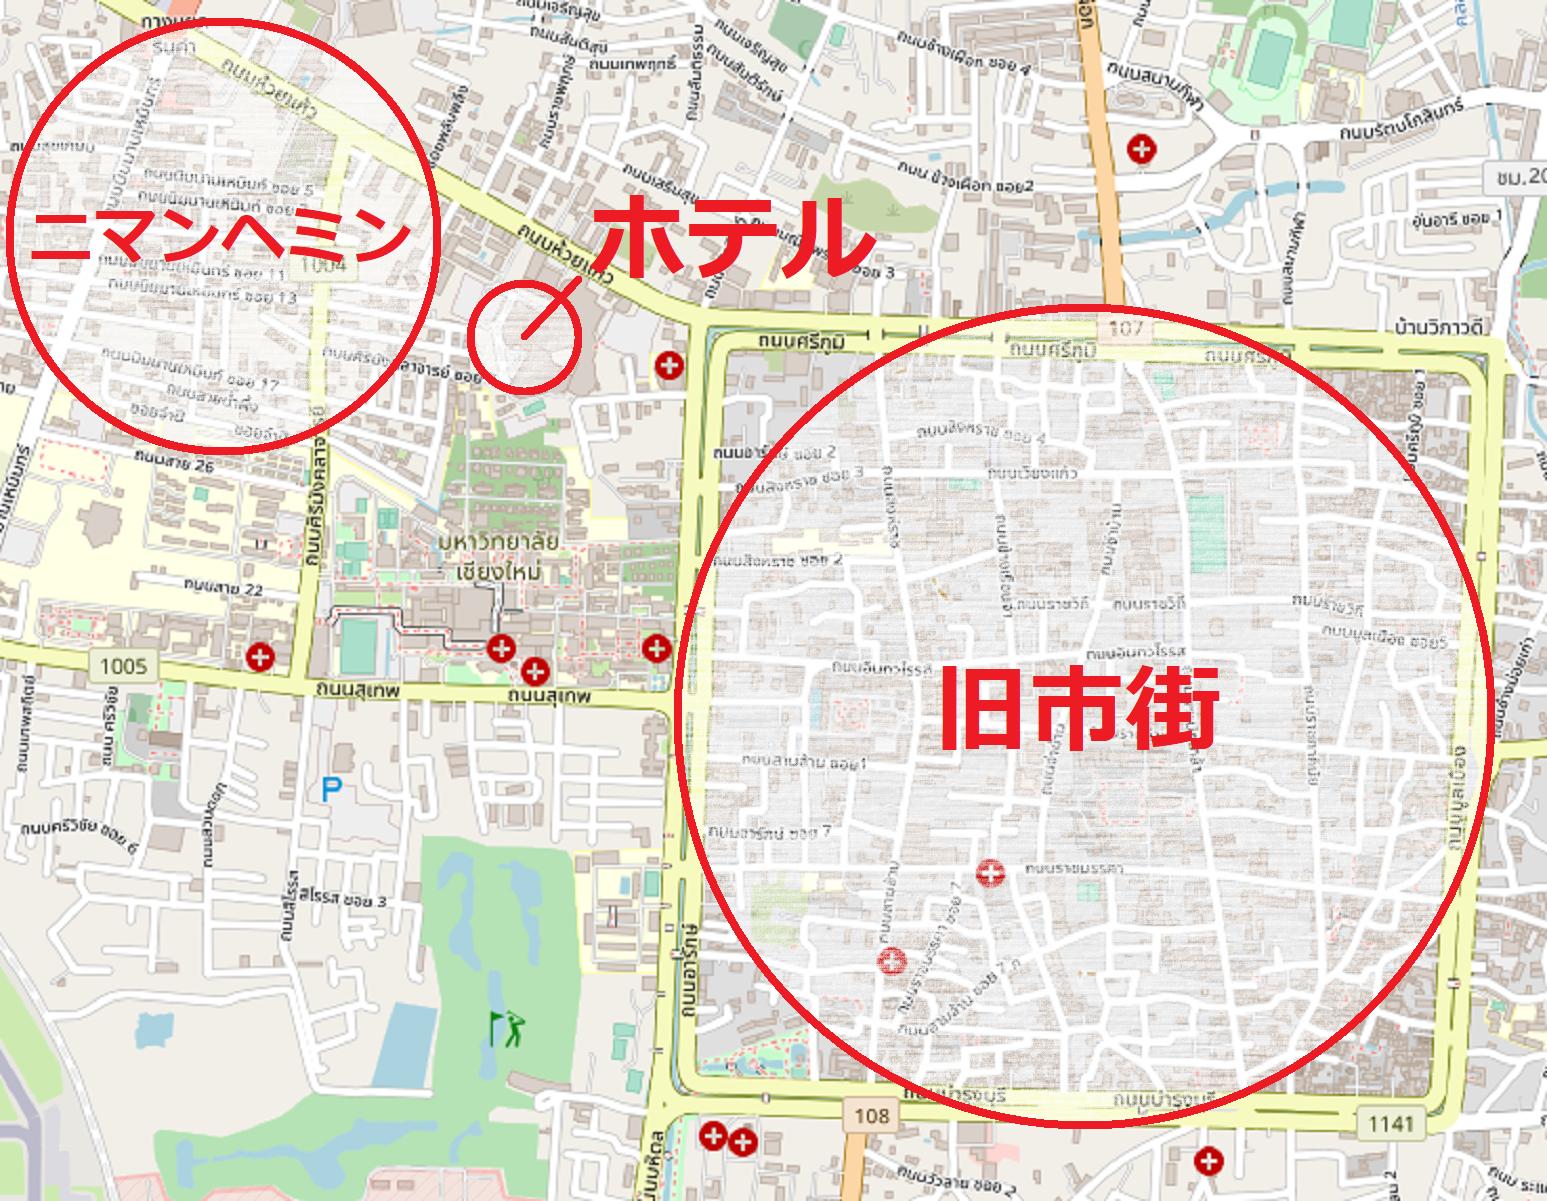 【マップ】ニマンヘミン・ホテル・旧市街の位置